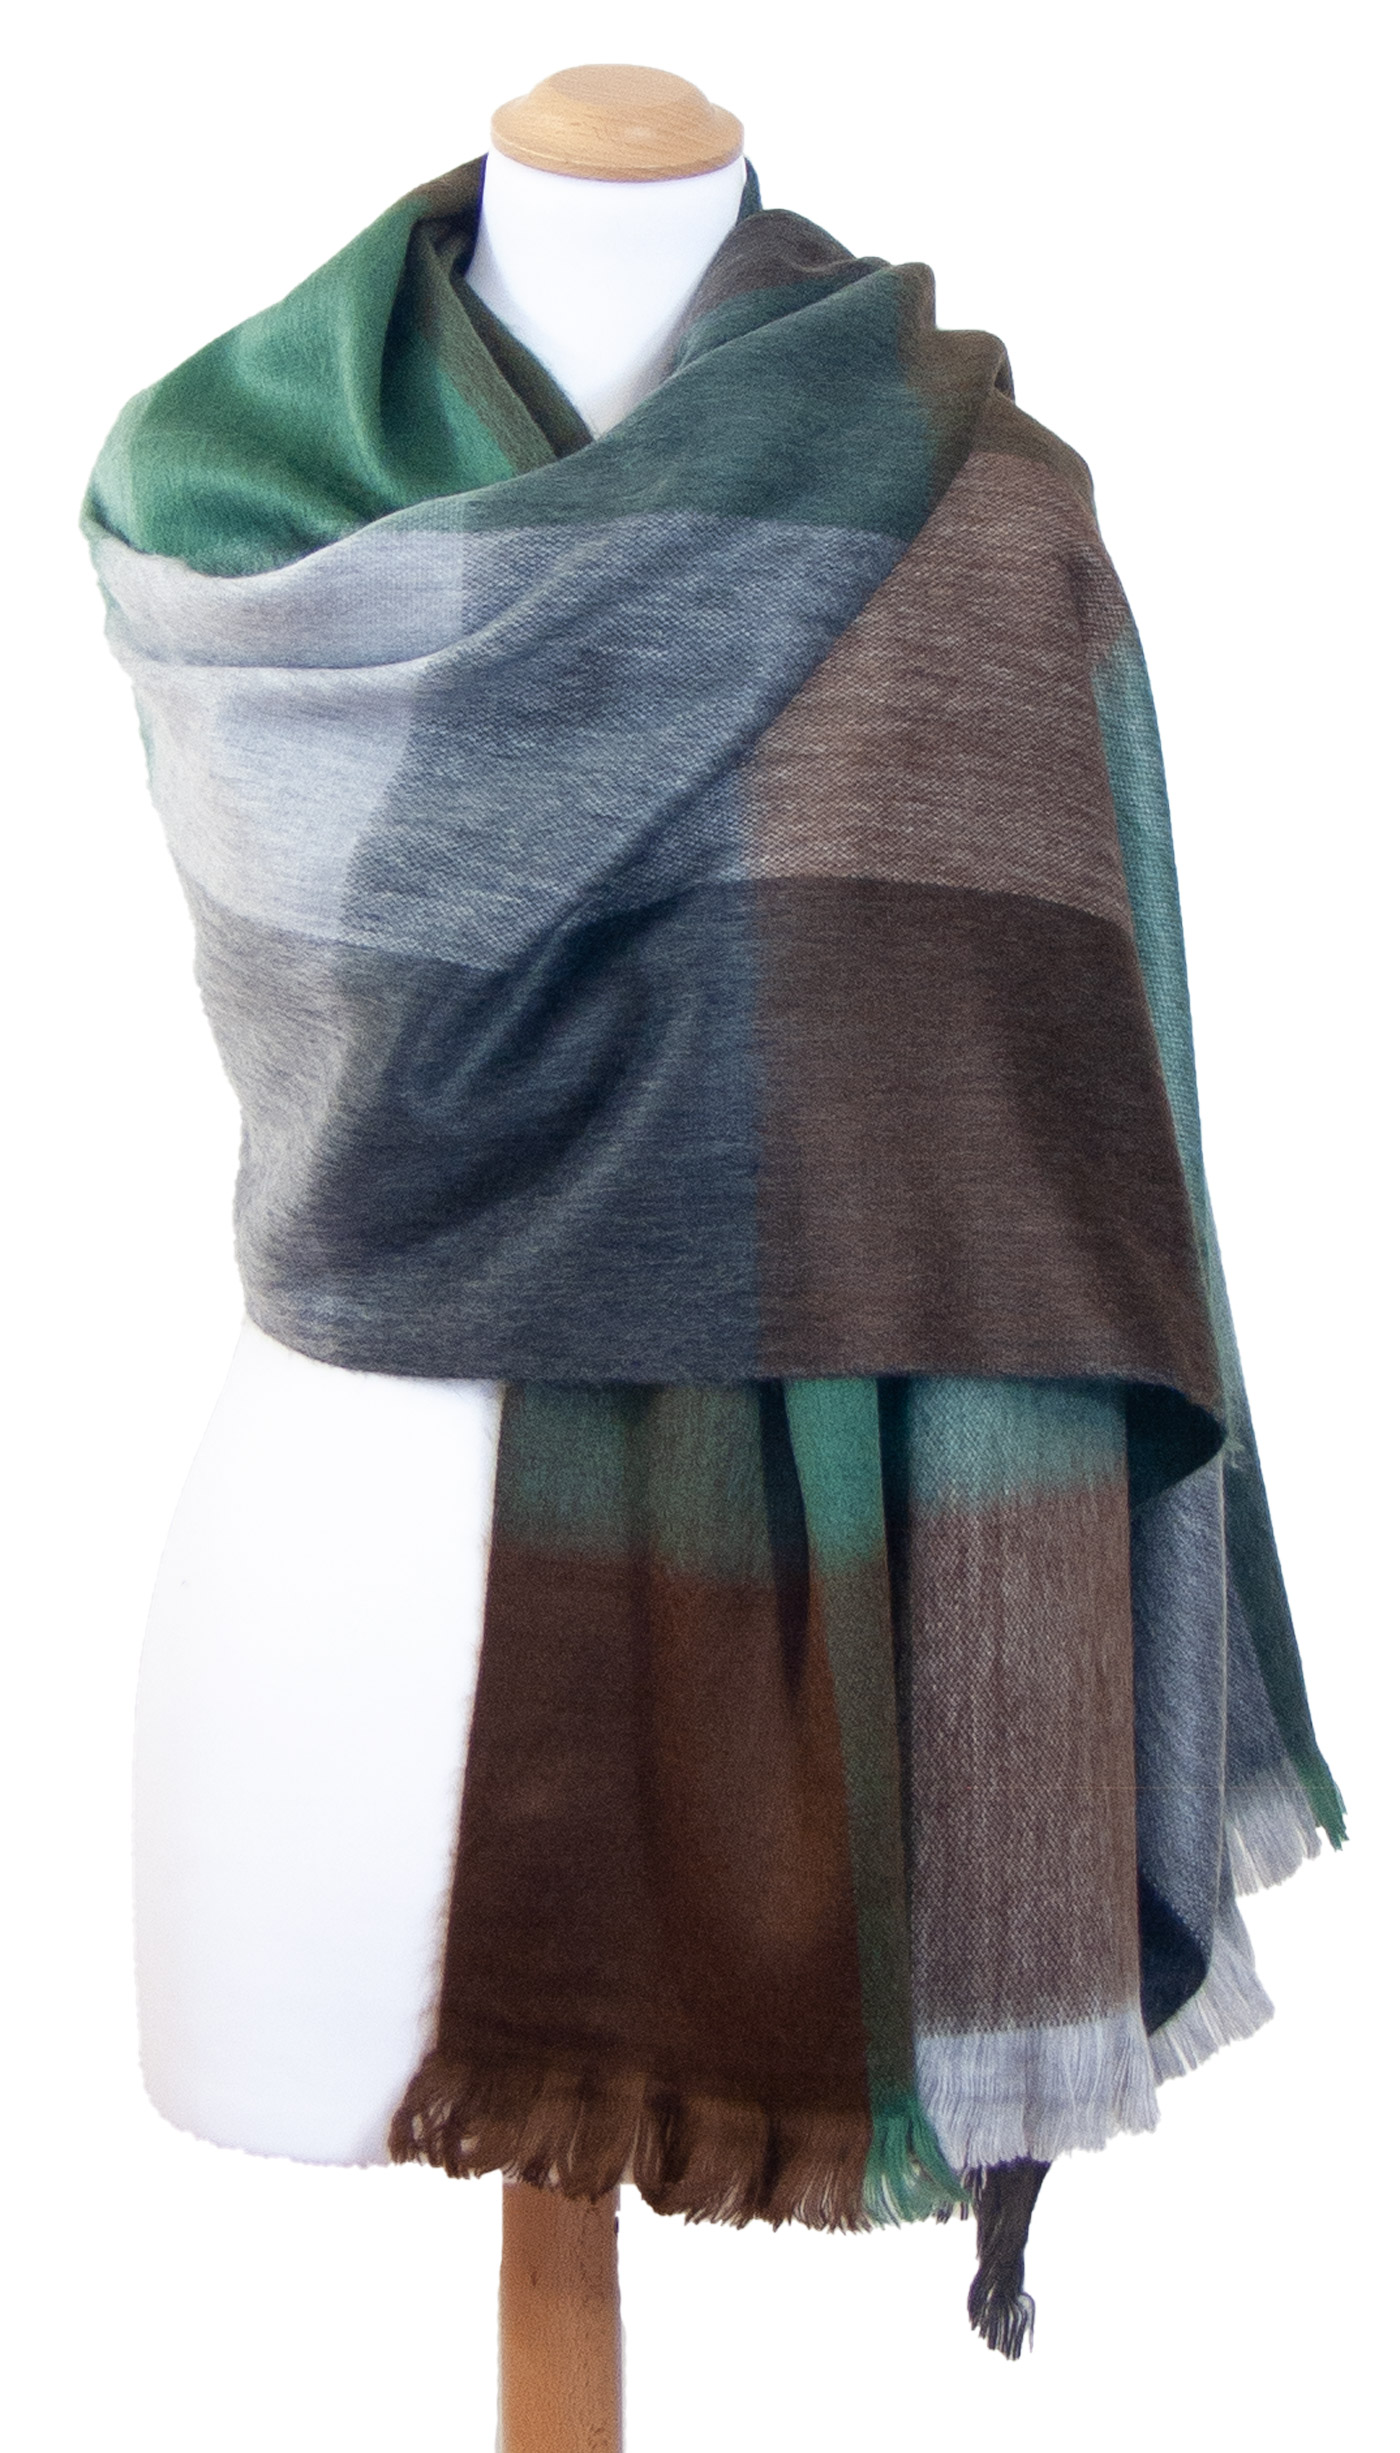 Châle en laine alpaga carreaux vert gris Hellen